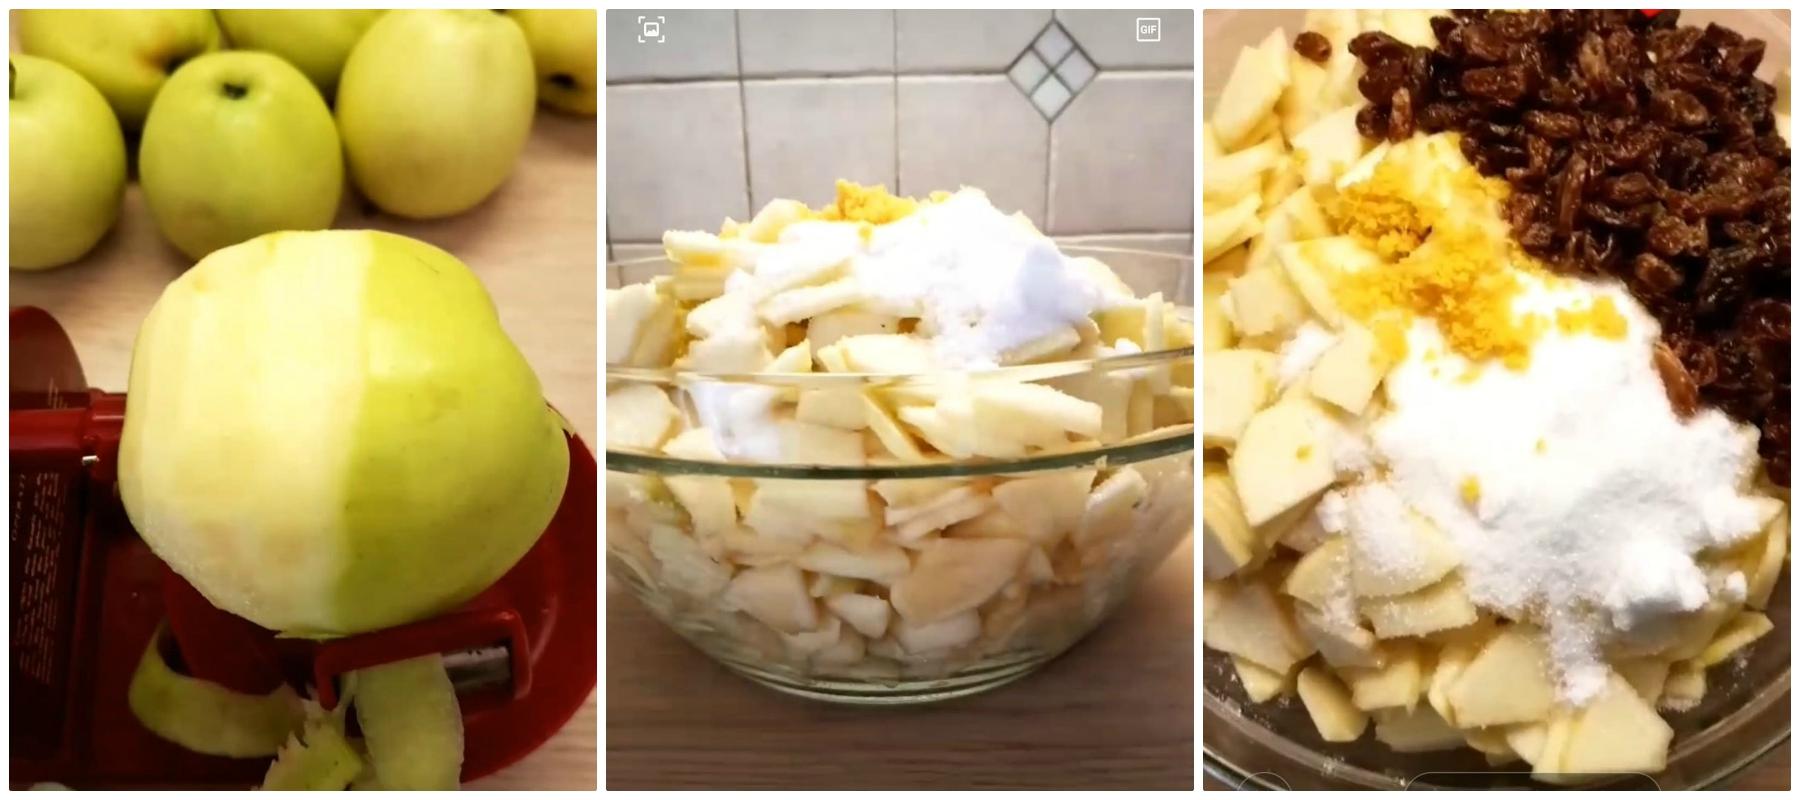 Preparazione delle mele e del ripieno - Ricetta Strudel di mele con pasta sfoglia